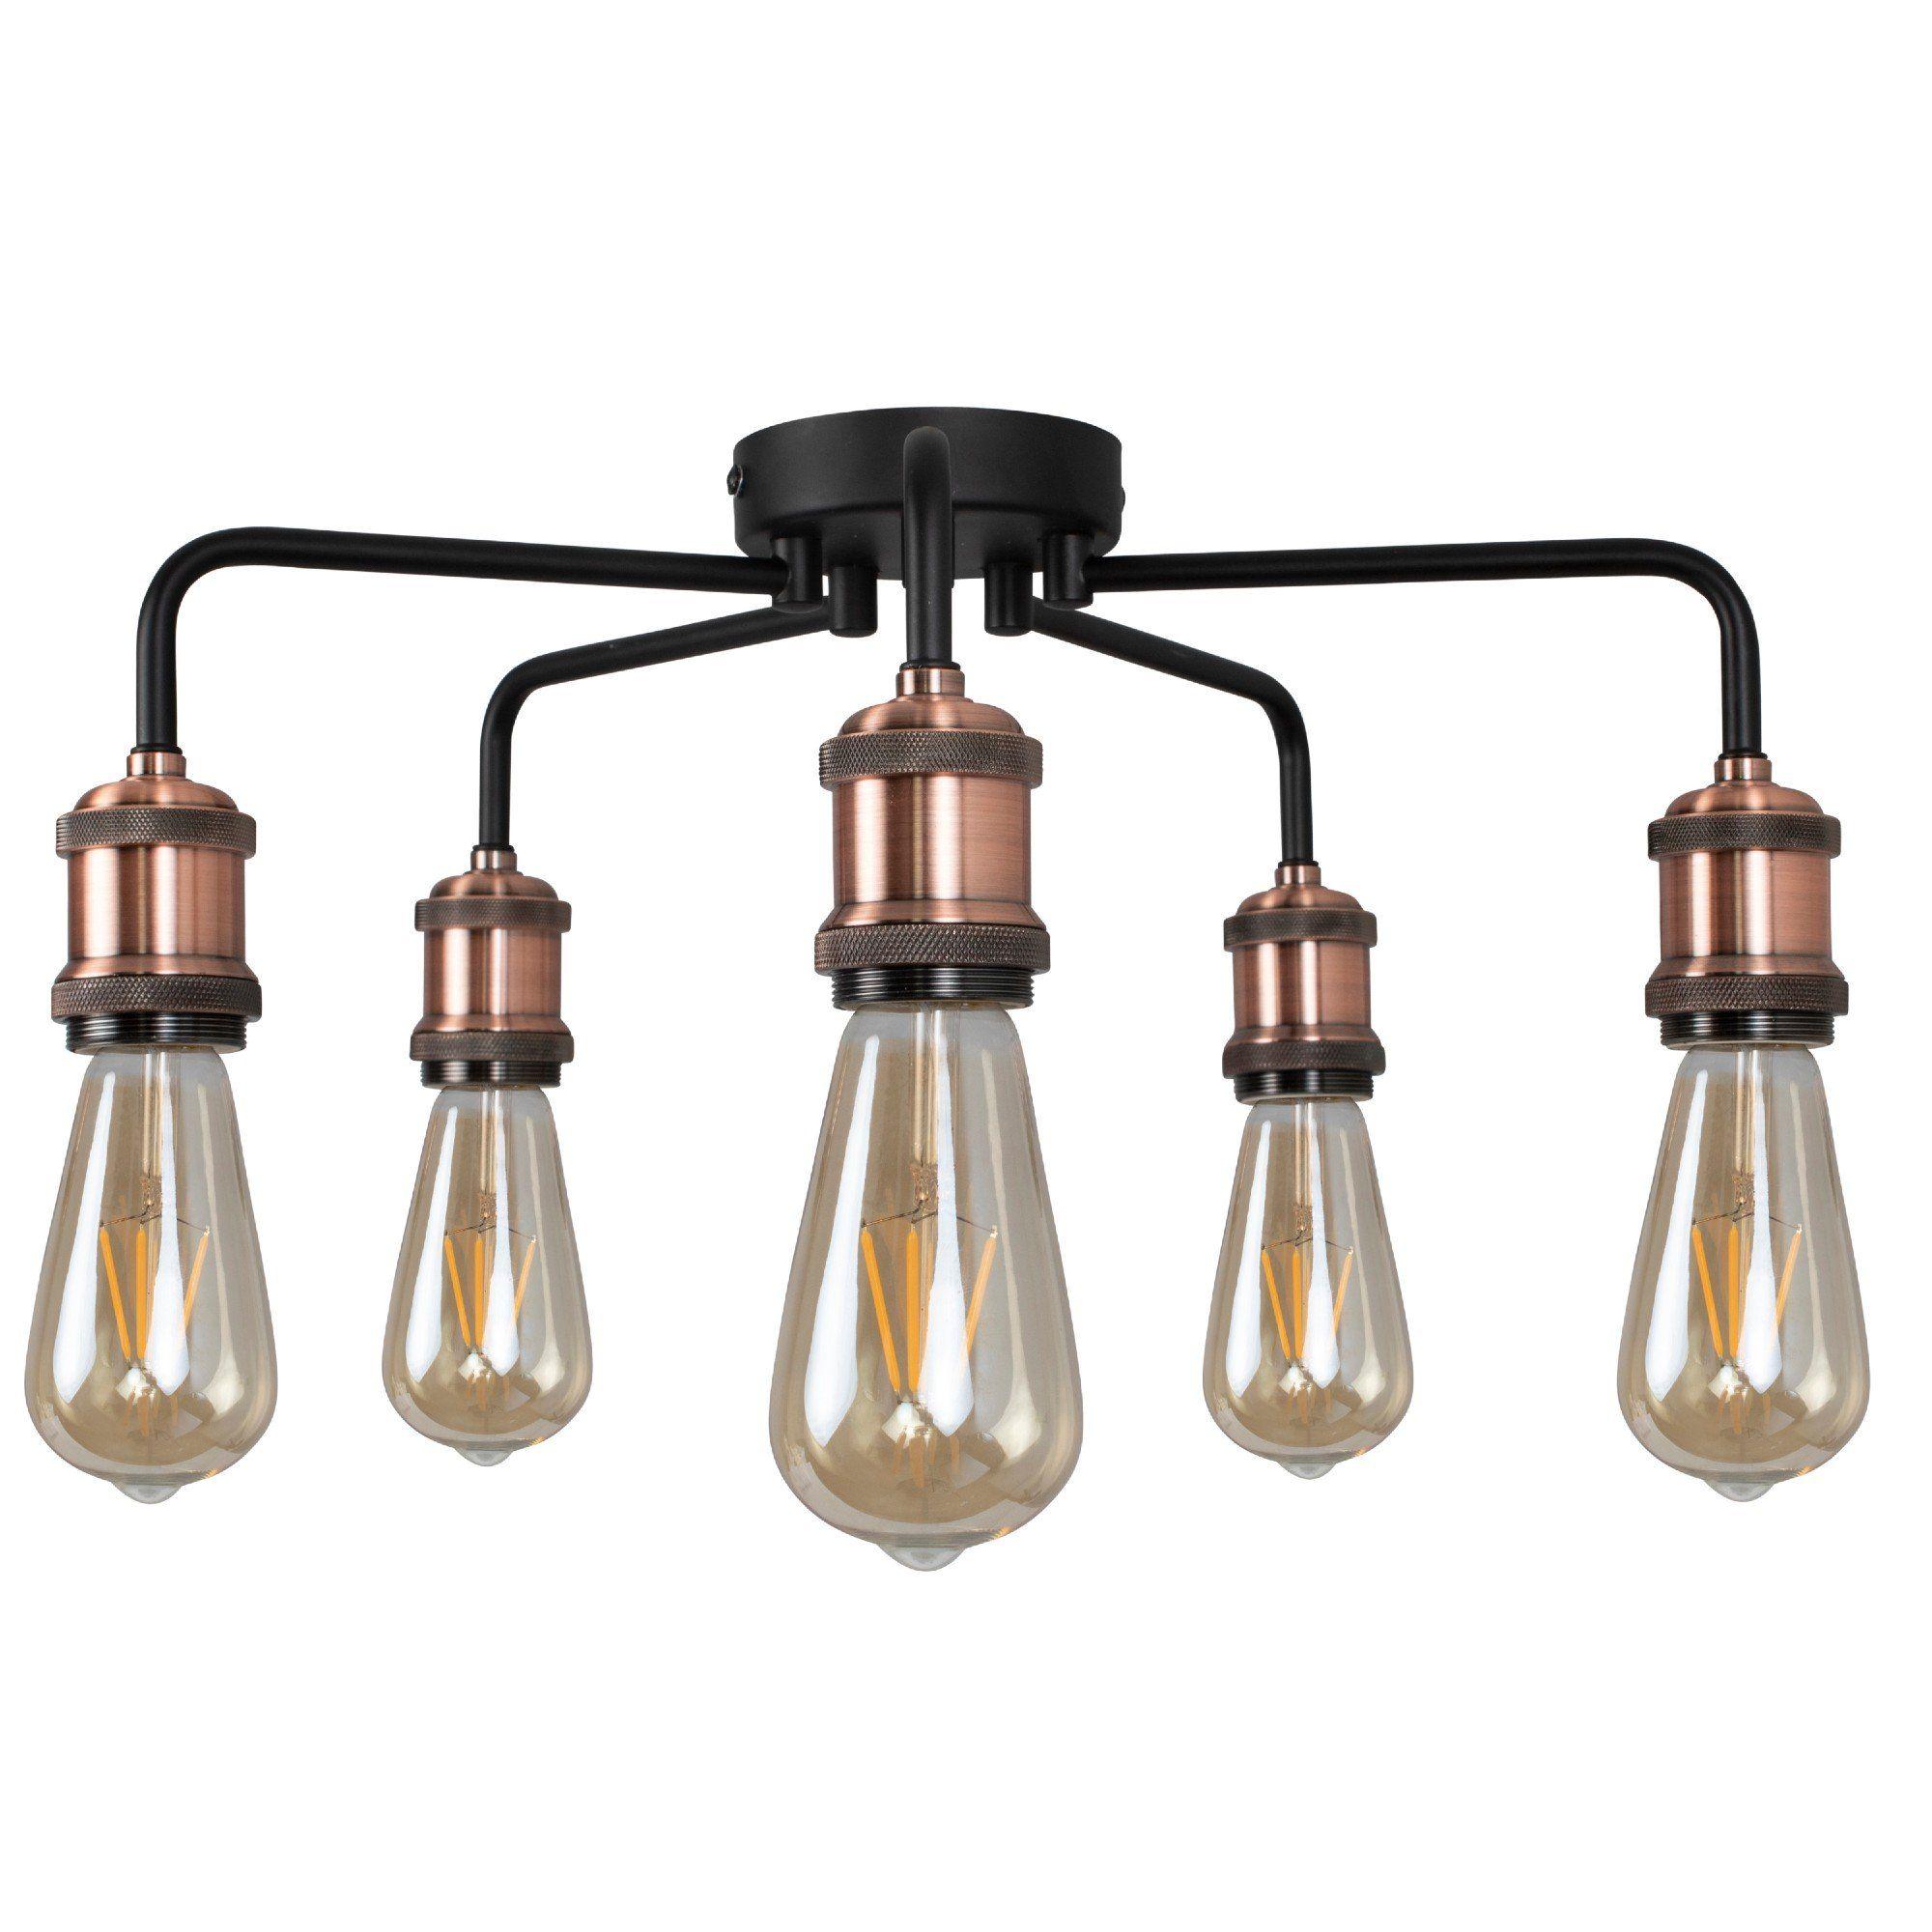 Clark Matt Black and Copper 5 Light Semi Flush Ceiling Light